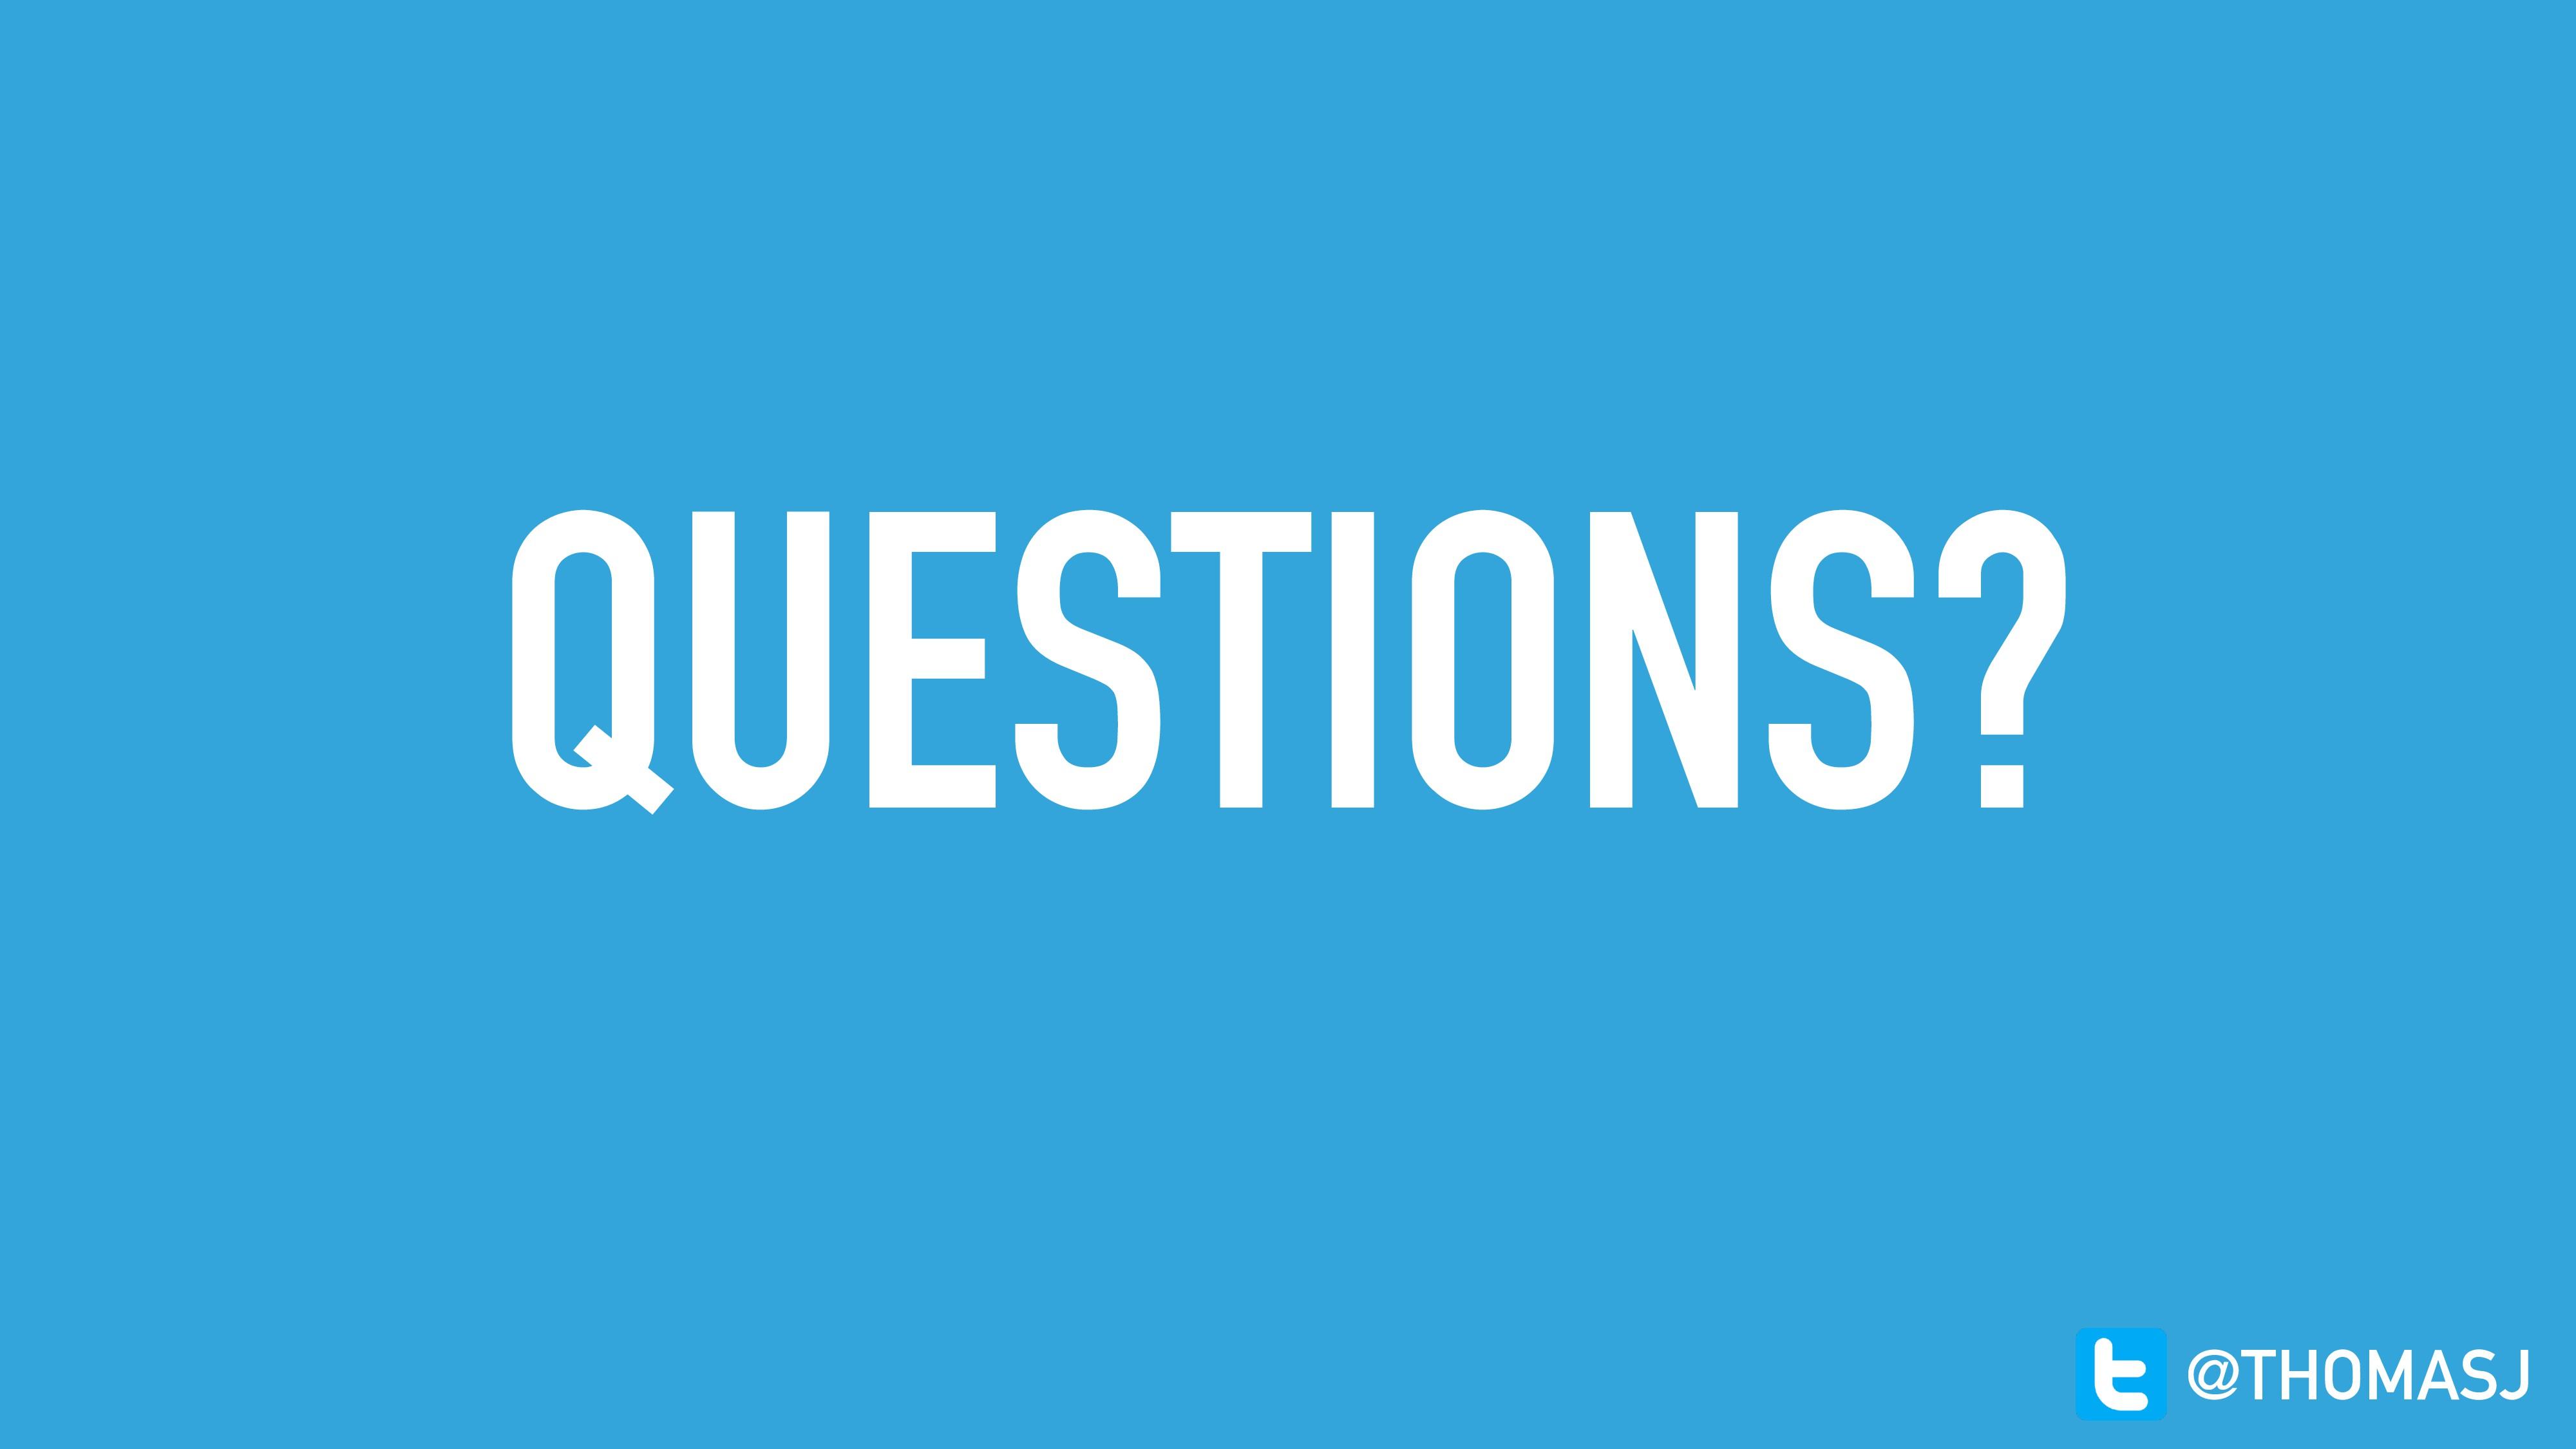 QUESTIONS? @THOMASJ